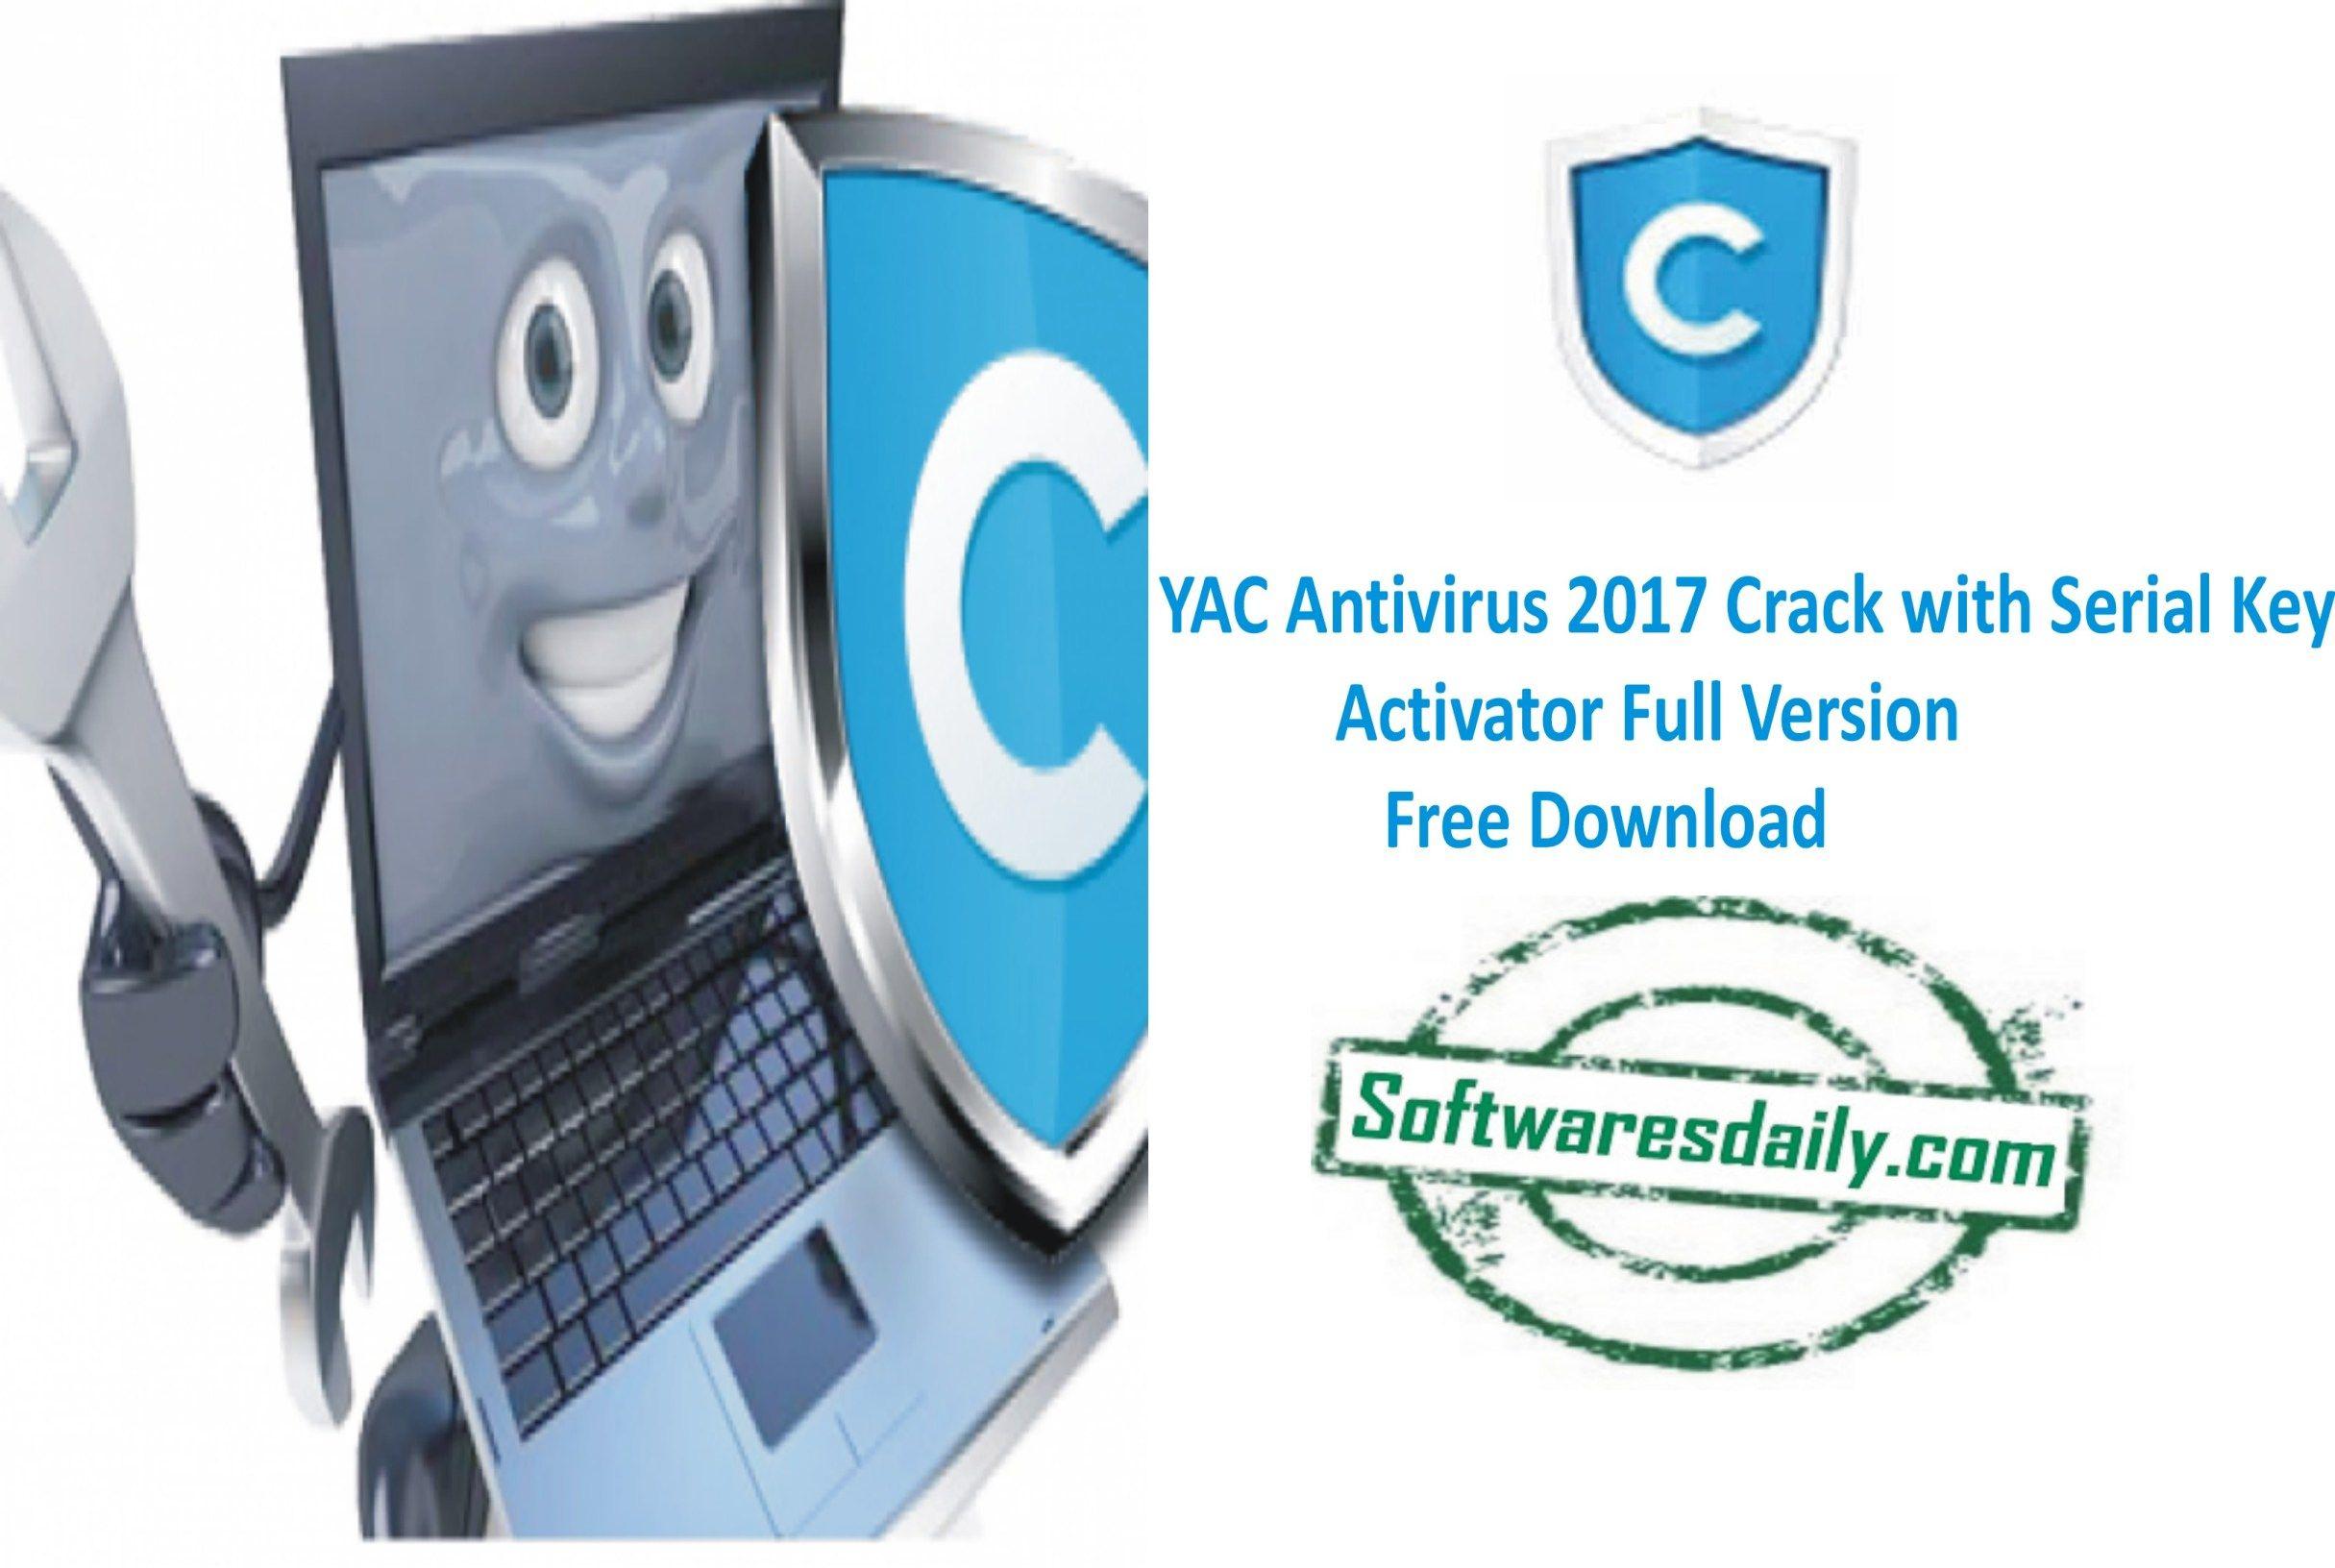 Antivirus yac